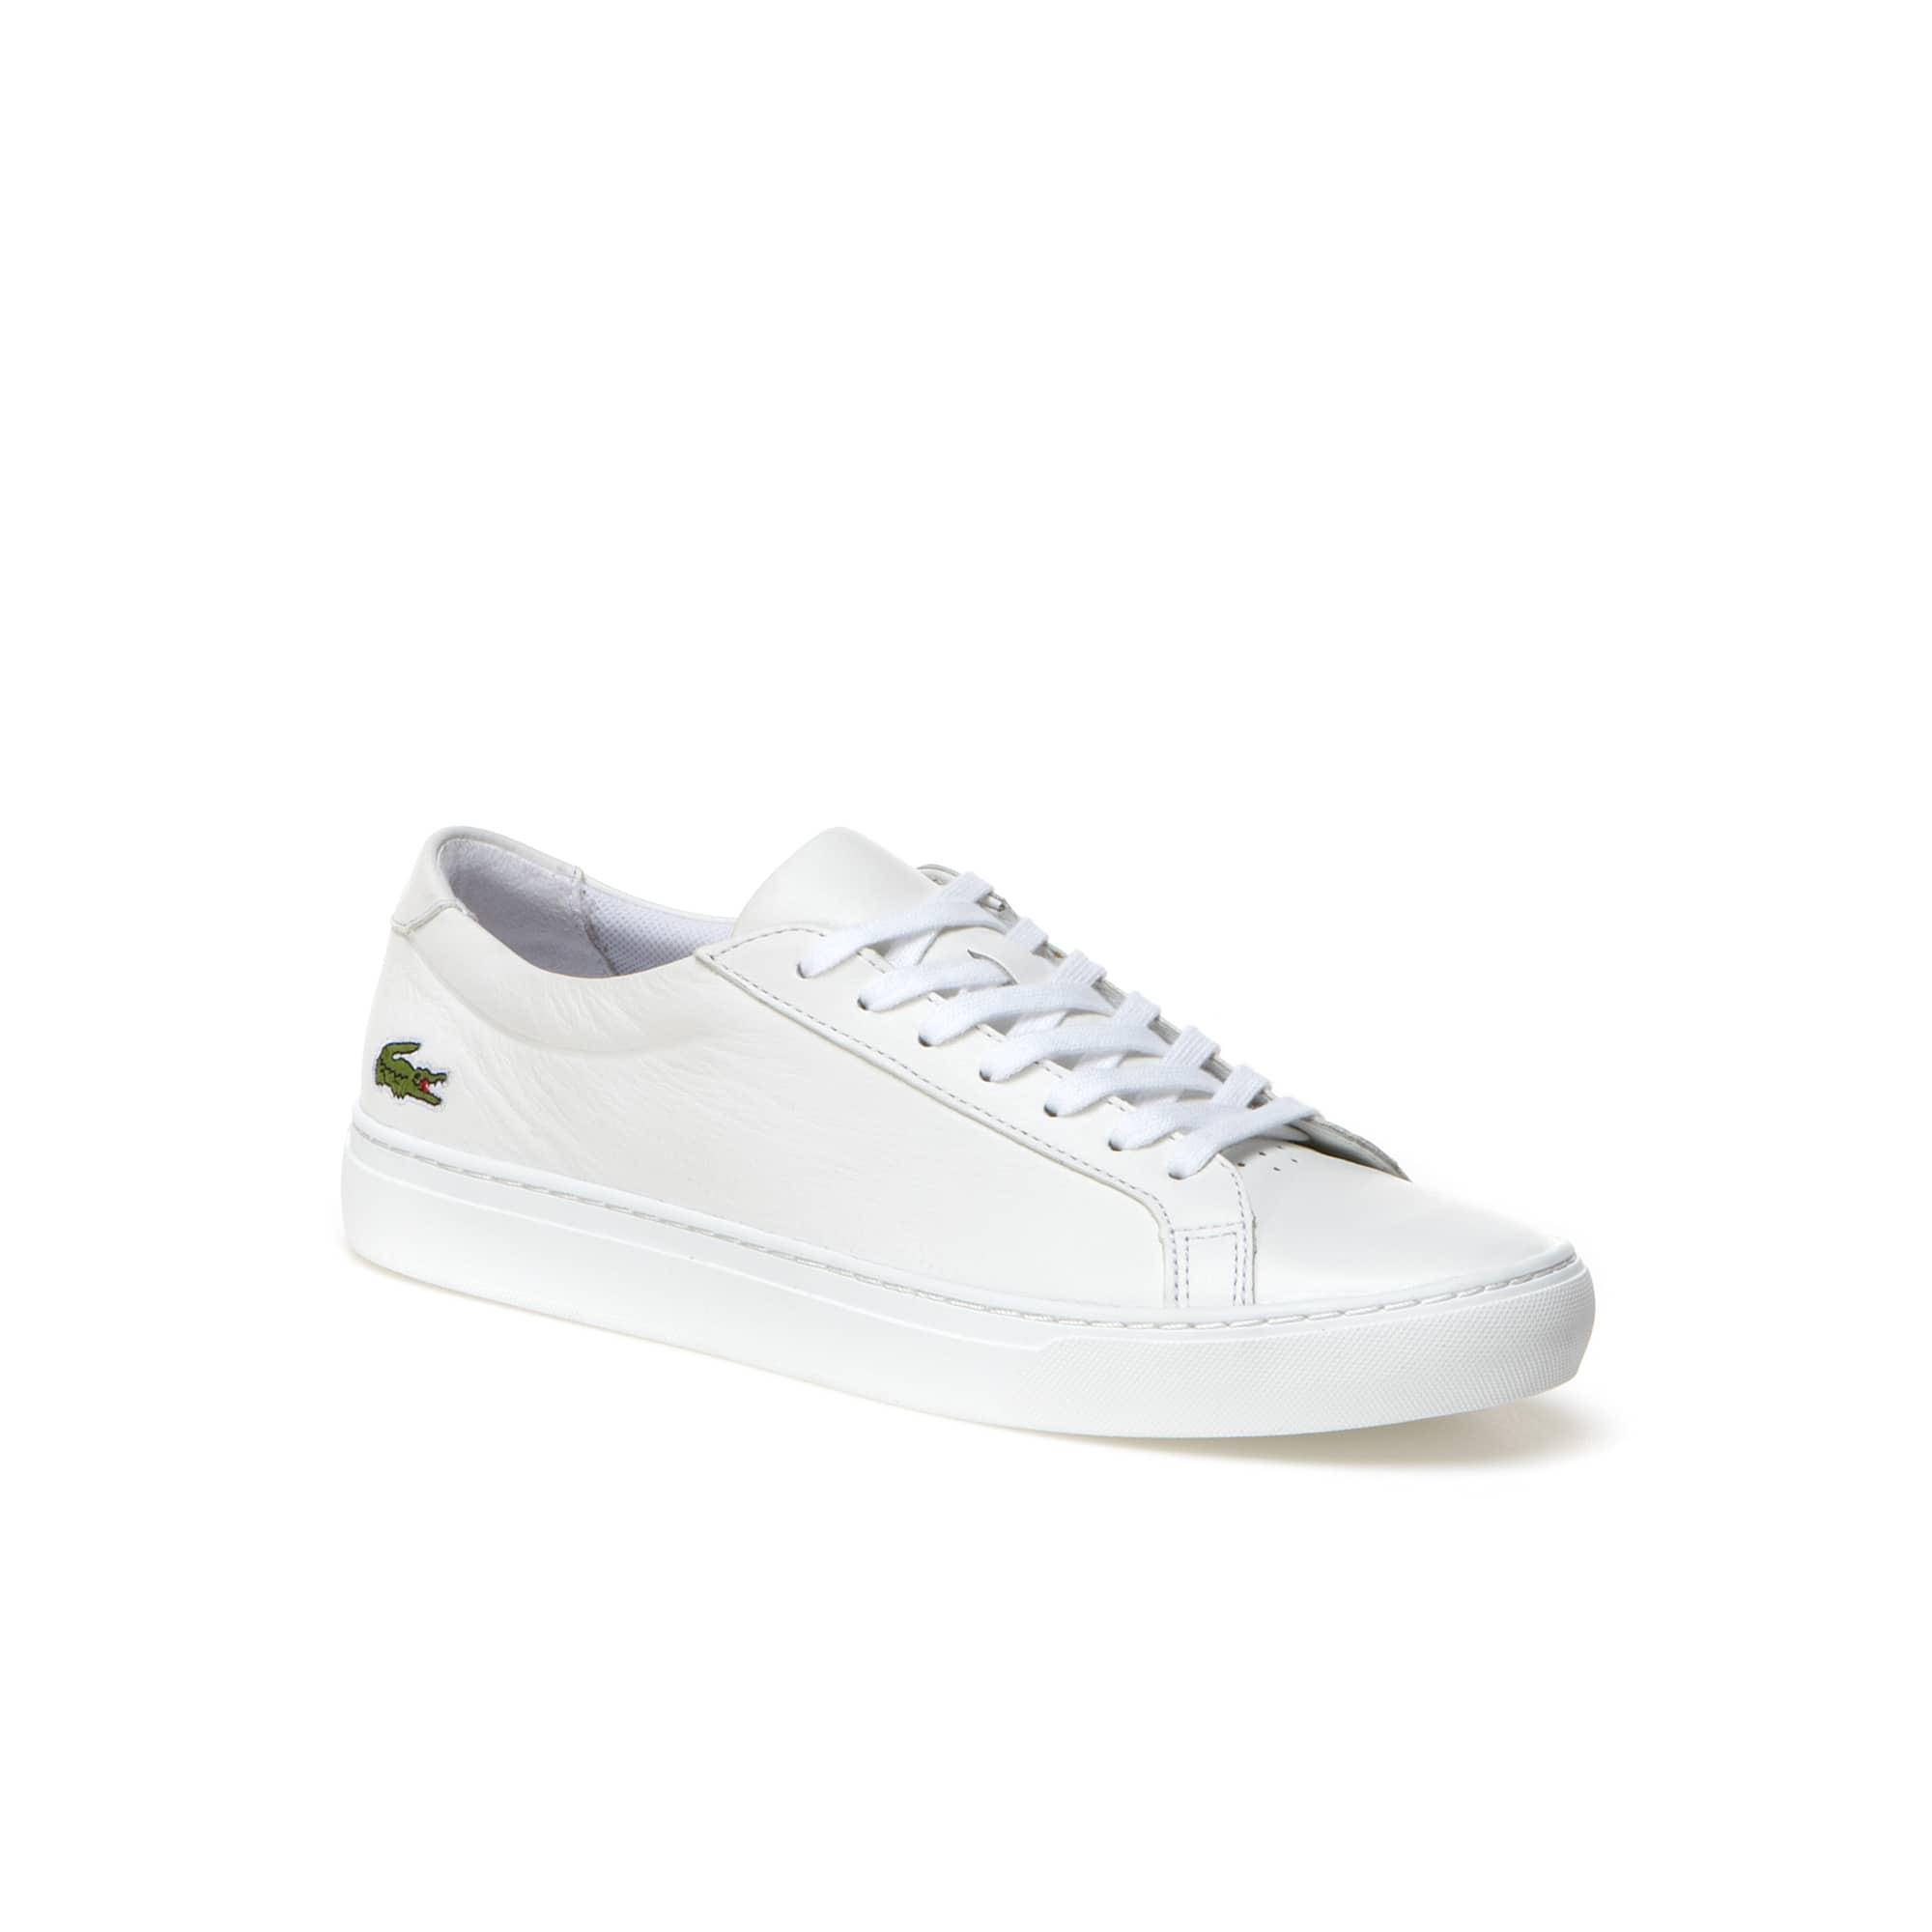 Chaussures L.12.12 Lacoste Blanc 6m8ZHi